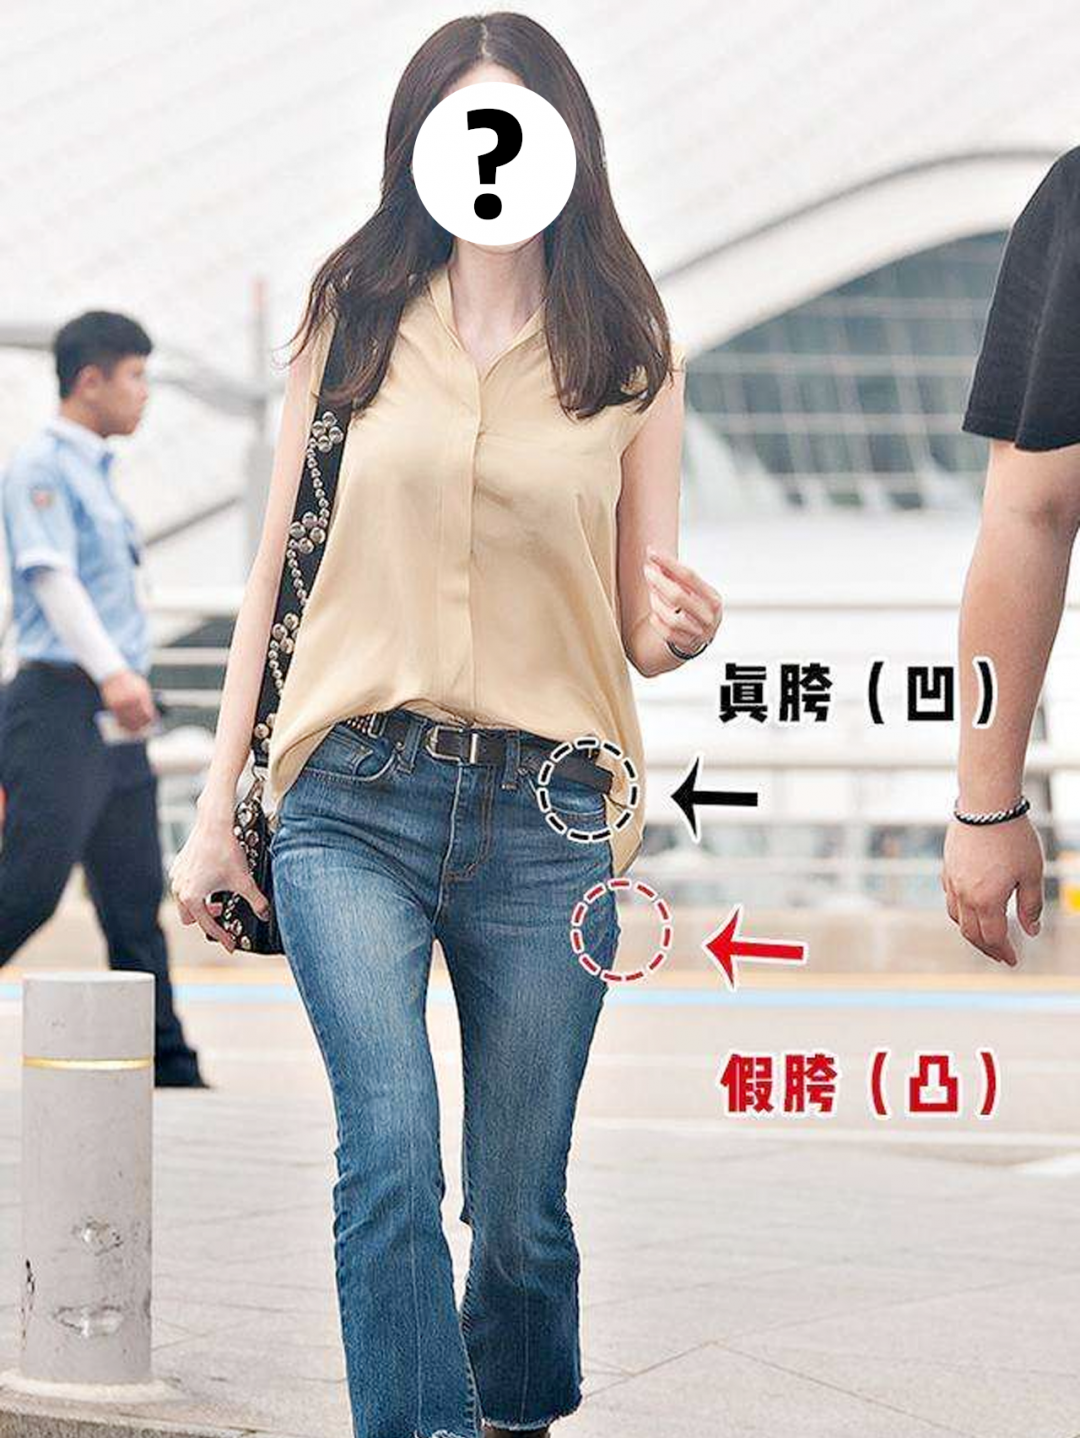 90斤和120斤的女生,冬天穿同一件衣服差距有多大?